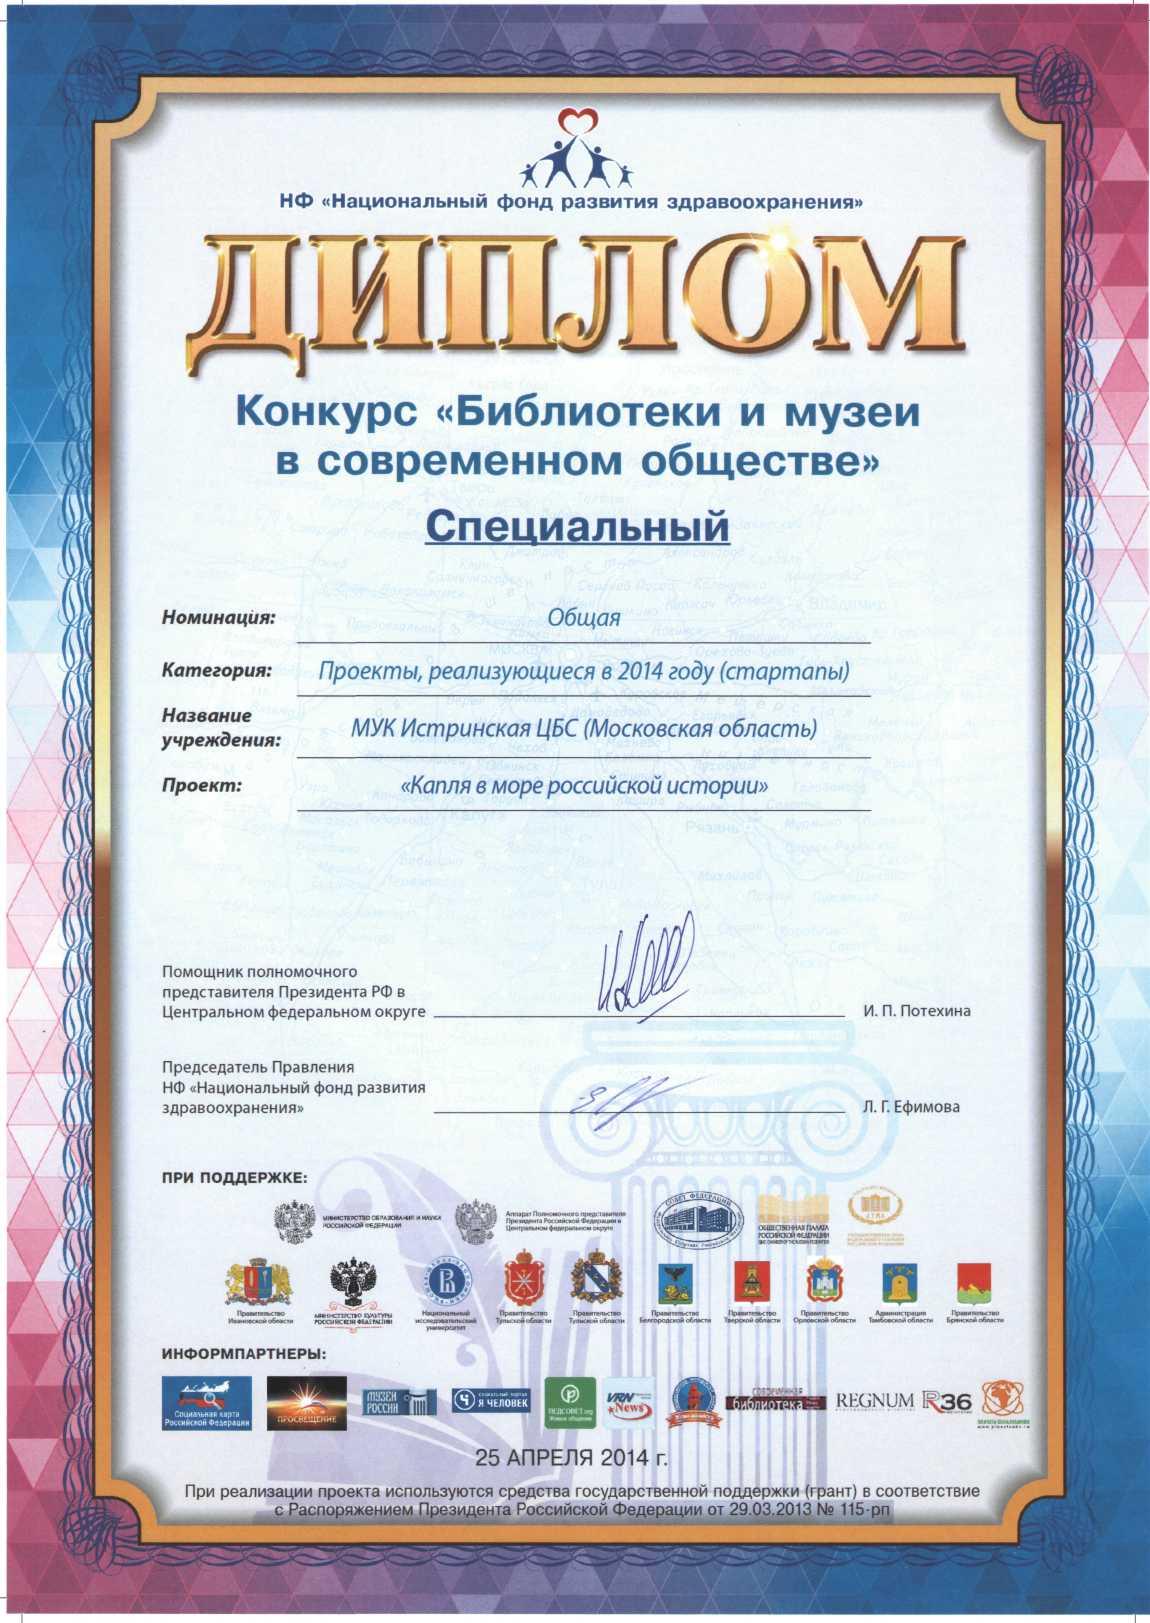 Номинация: Общая. Проекты, реализующиеся в 2014 году